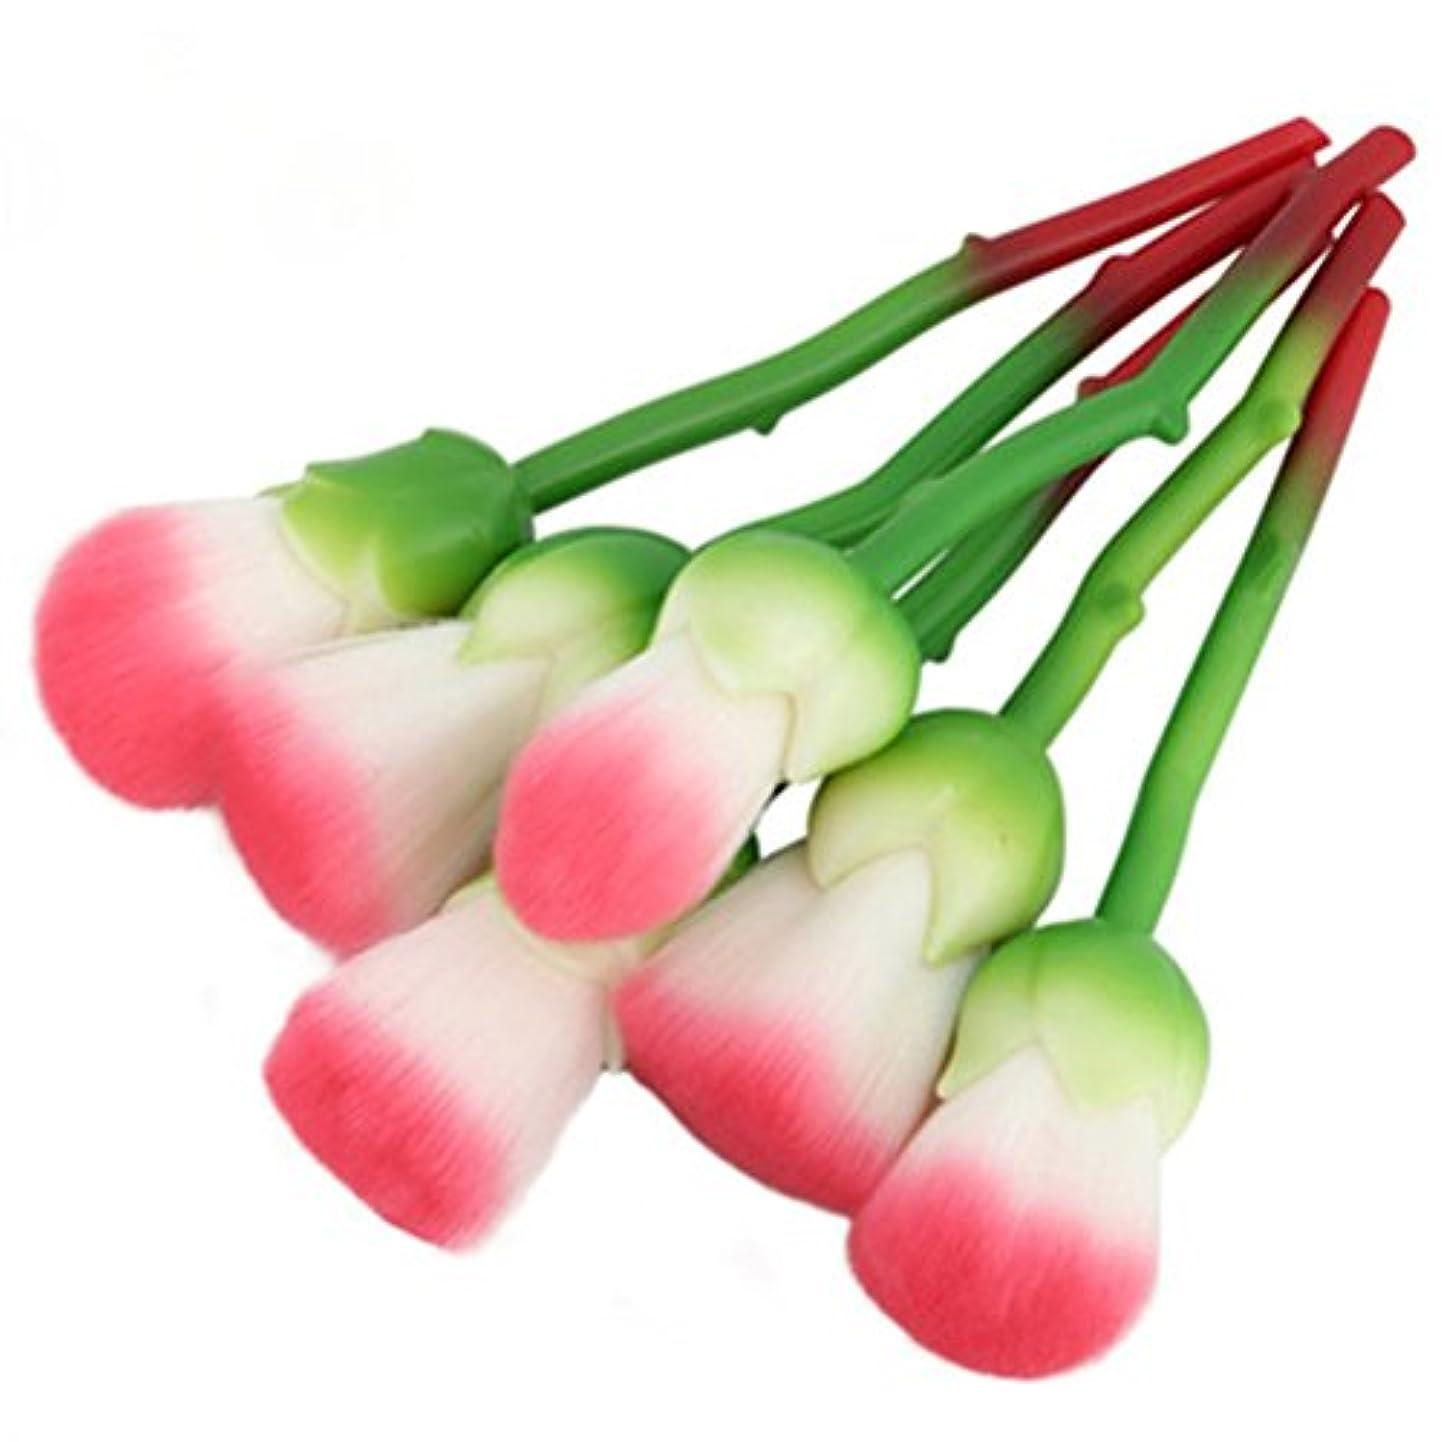 句注入するエンティティディラビューティー(Dilla Beauty) メイクブラシ 薔薇 メイクブラシセット 人気 ファンデーションブラシ 化粧筆 可愛い 化粧ブラシ セット パウダーブラシ フェイスブラシ ローズ メイクブラシ 6本セット ケース付き (グリーン)